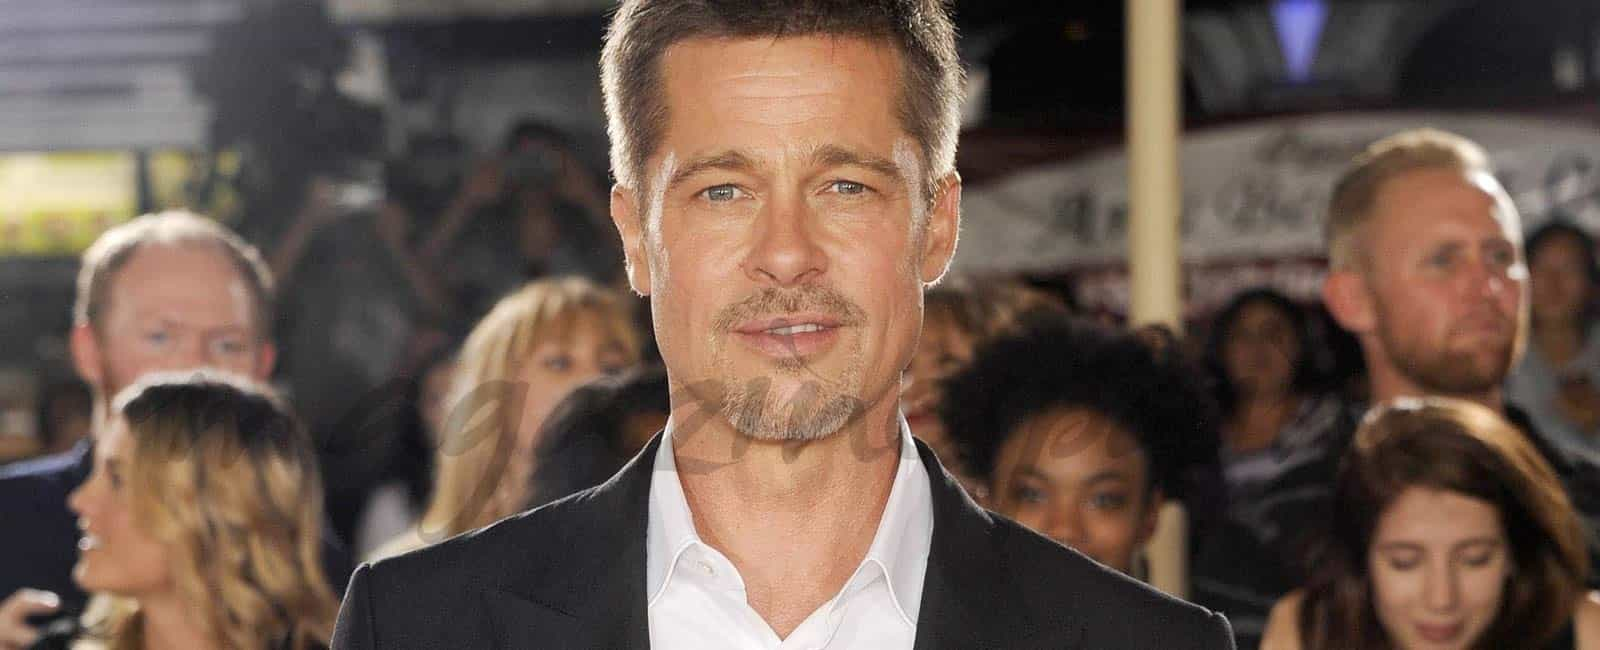 Brad Pitt reaparece mucho más delgado, tras su separación de Angelina Jolie